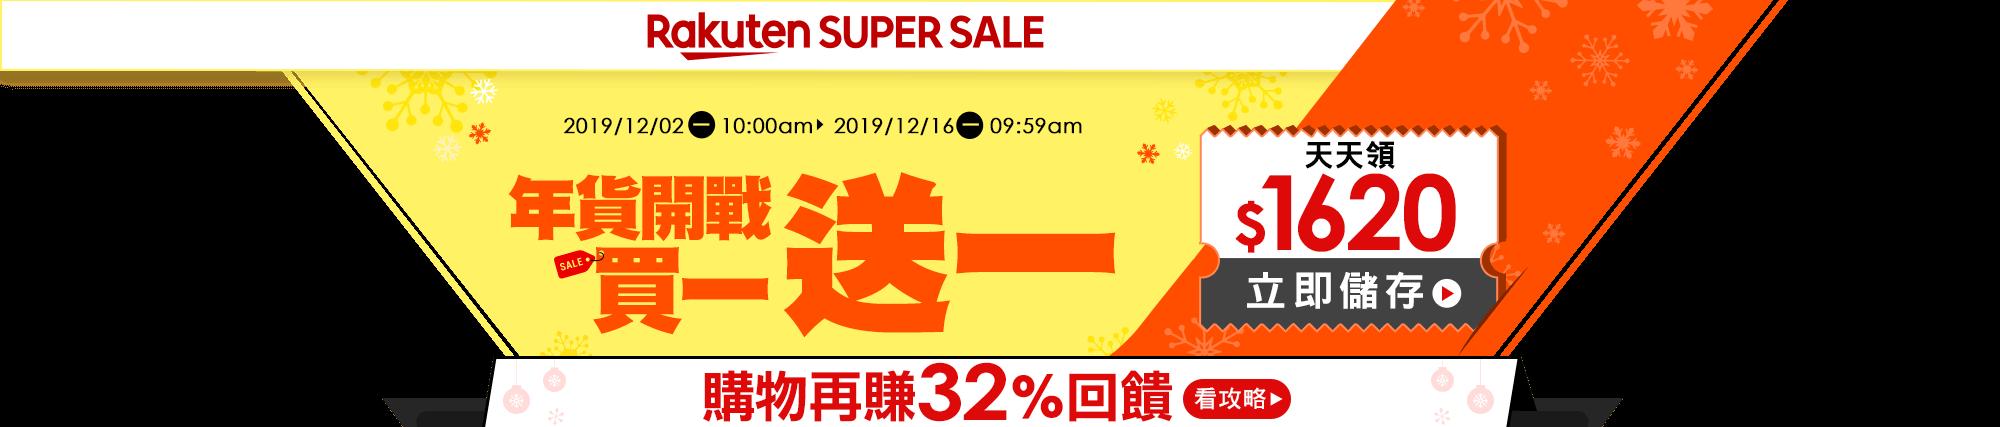 樂天雙12 SUPER SALE!年貨伴手禮買一送一,最高再賺32%回饋